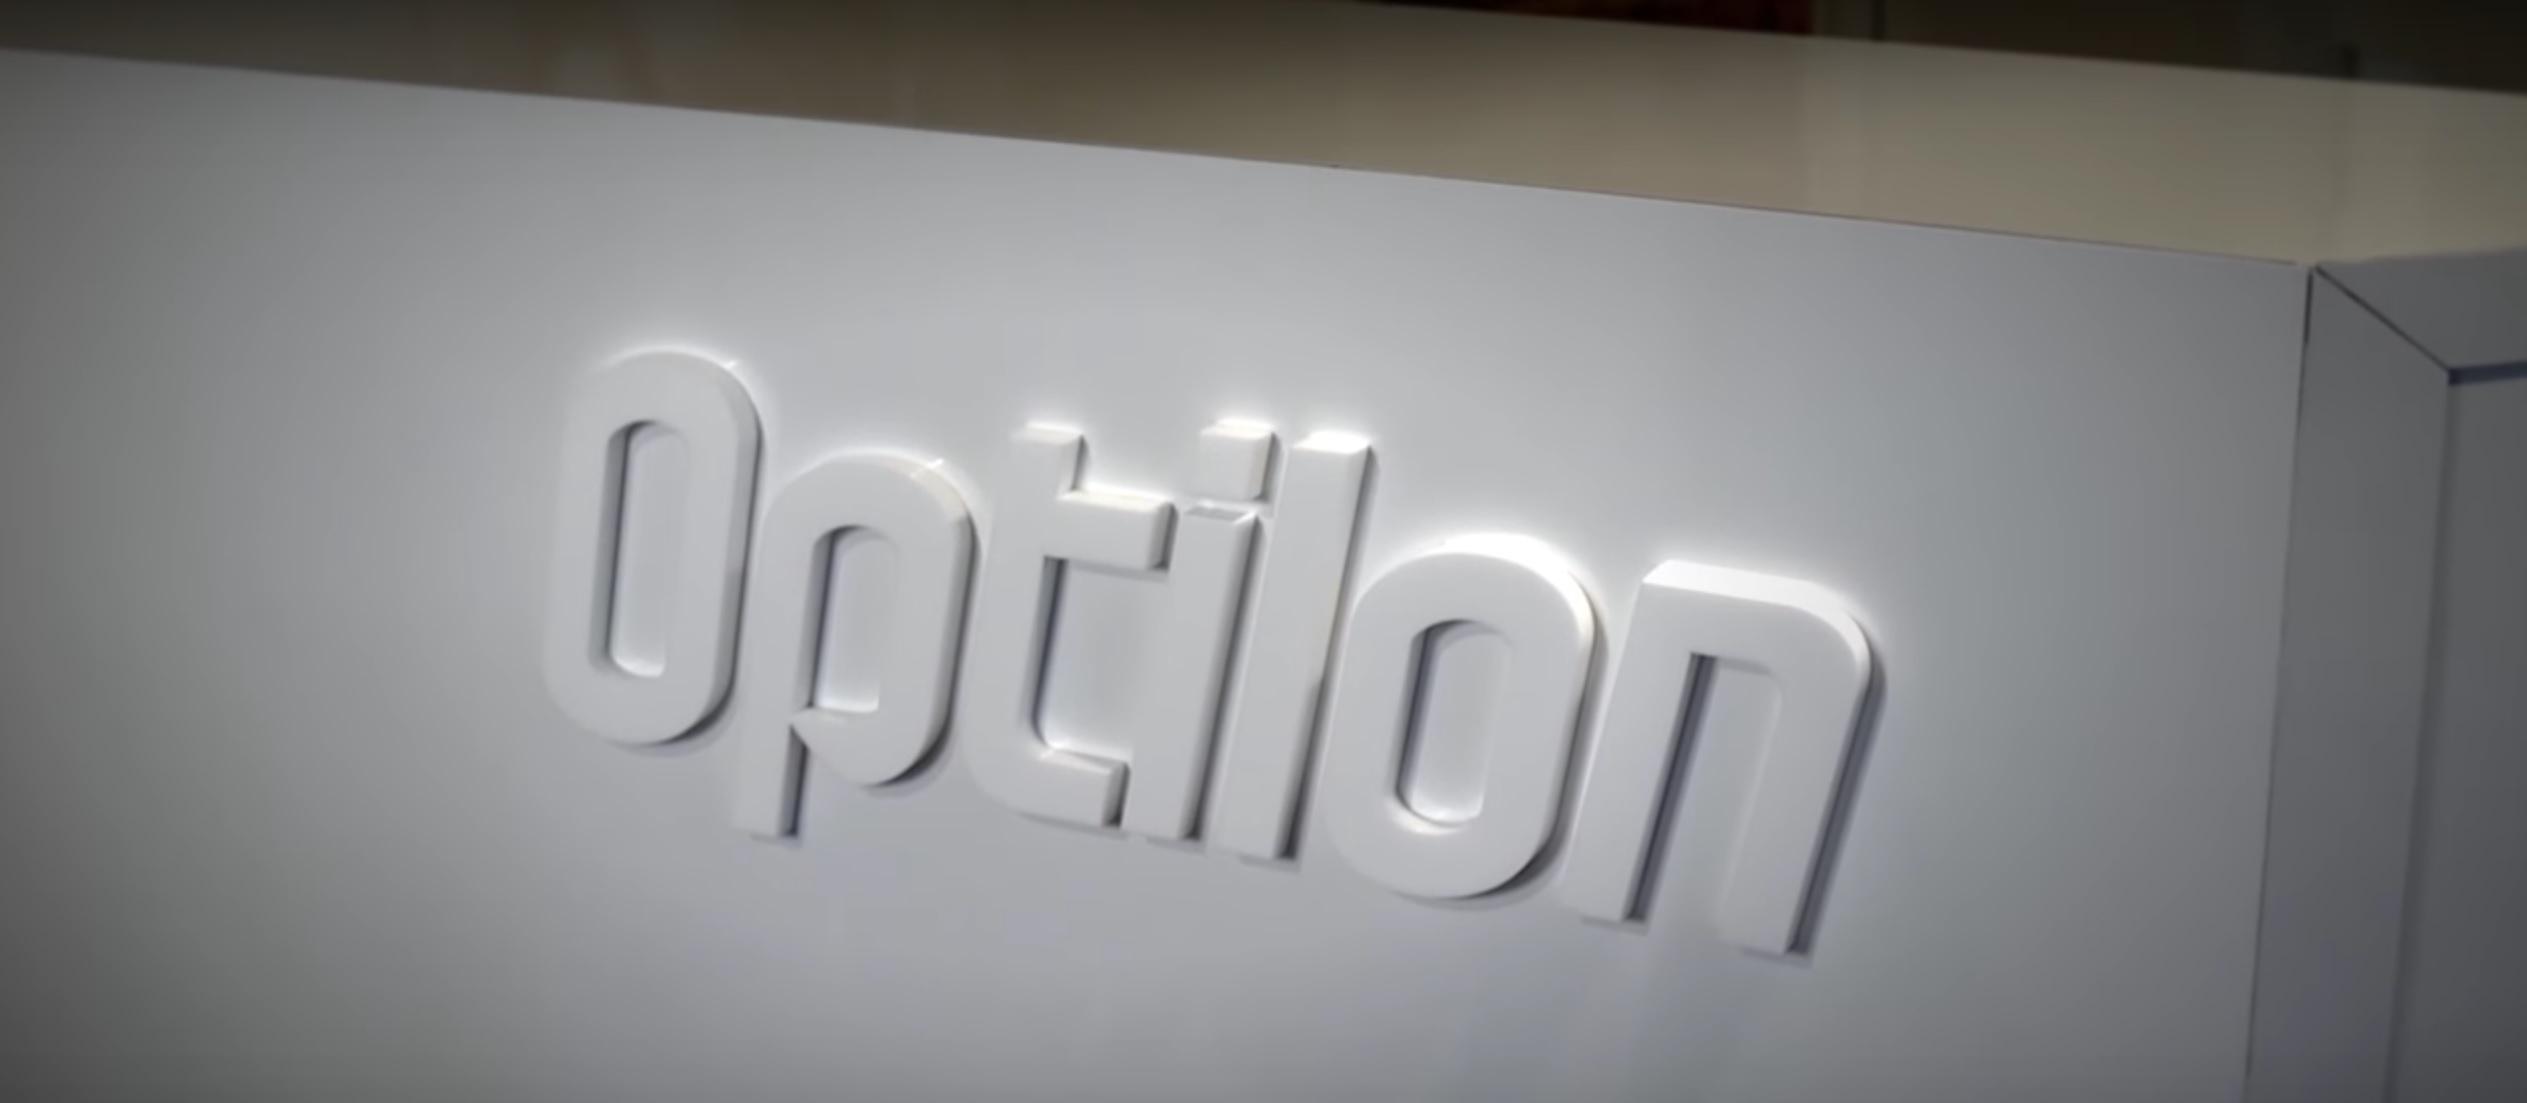 Optilon optimizing supply chains